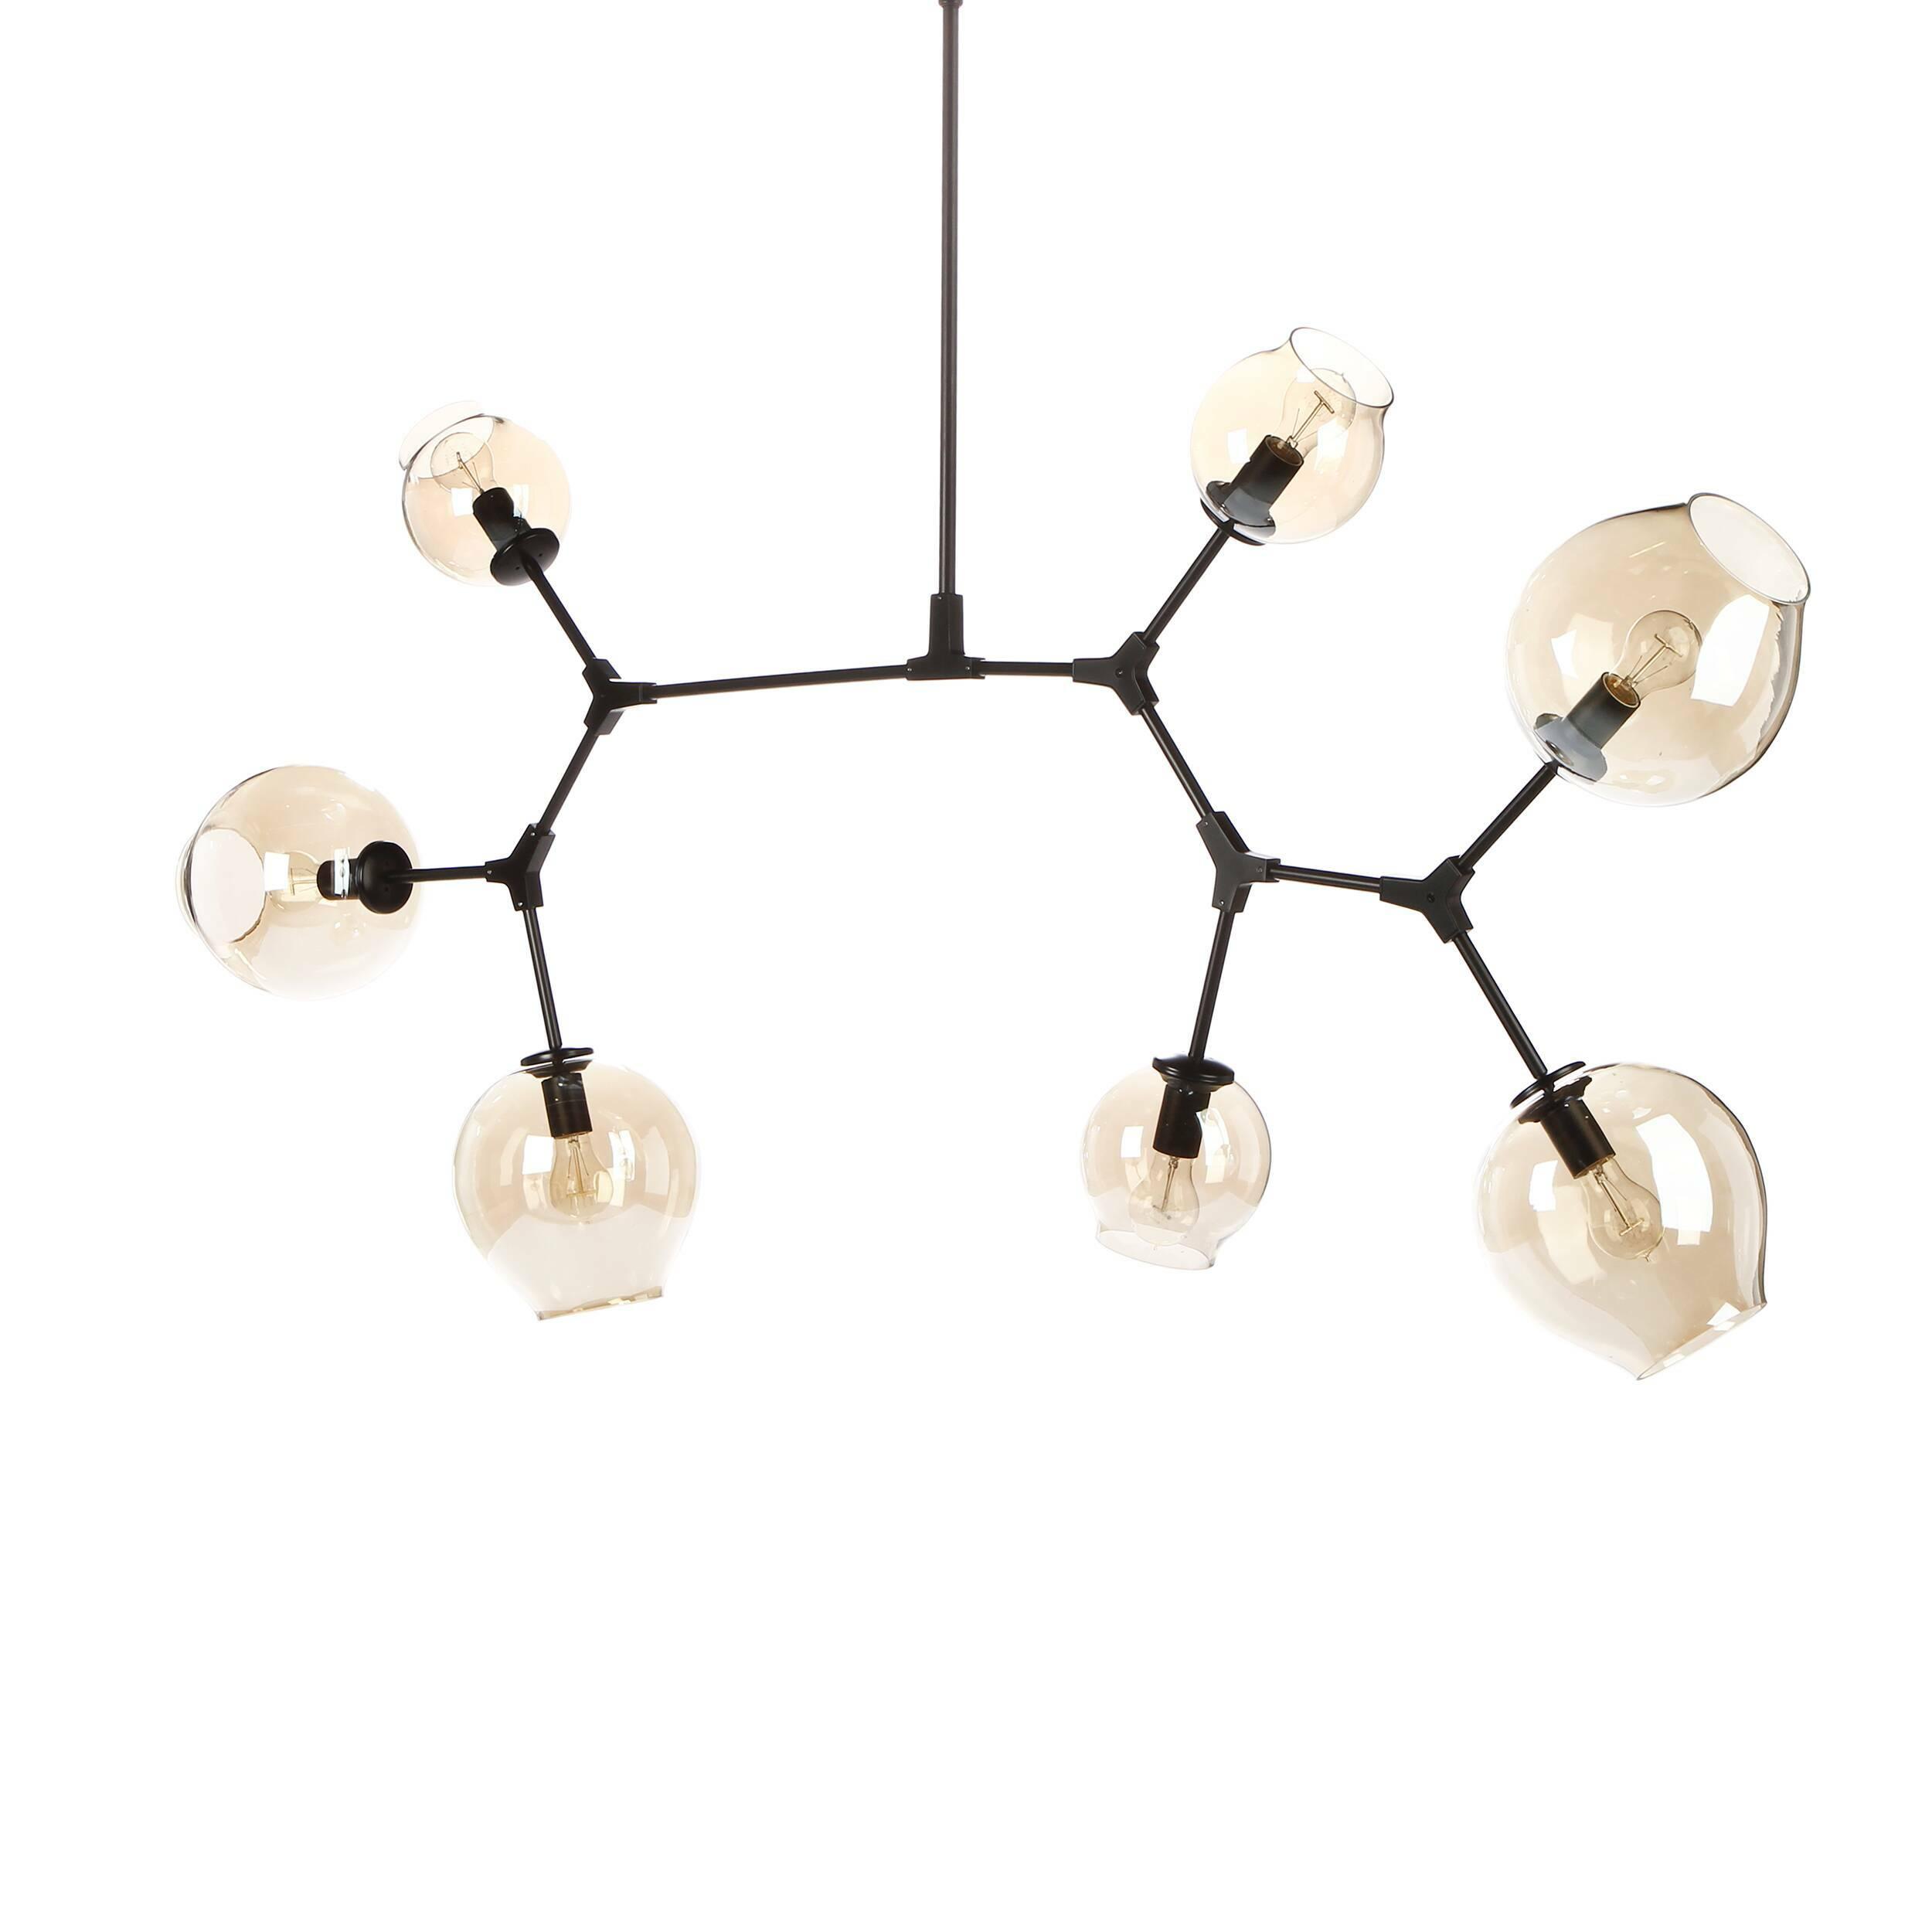 Потолочный светильник Branching Bubbles 7 лампПотолочные<br>Этот потолочный светильник не оставит равнодушными тех, кто стремится привнести частичку природы в свой дом. Он является настоящим хитросплетением форм и материалов — металлические крепления, напоминающие ветки, завершаются выдутыми вручную стеклянными плафонами. Светильник похож на цветущее дерево, это работа американского промышленного дизайнера Линдси Адельман, которая черпает свое вдохновение именно из выразительных природных сочетаний.<br><br><br> Потолочный светильник Branching Bubbles 7 ...<br><br>stock: 0<br>Высота: 123<br>Ширина: 165<br>Диаметр: 60<br>Количество ламп: 7<br>Материал абажура: Стекло<br>Материал арматуры: Металл<br>Мощность лампы: 40<br>Ламп в комплекте: Нет<br>Напряжение: 220<br>Тип лампы/цоколь: E27<br>Цвет абажура: Прозрачный<br>Цвет арматуры: Черный матовый